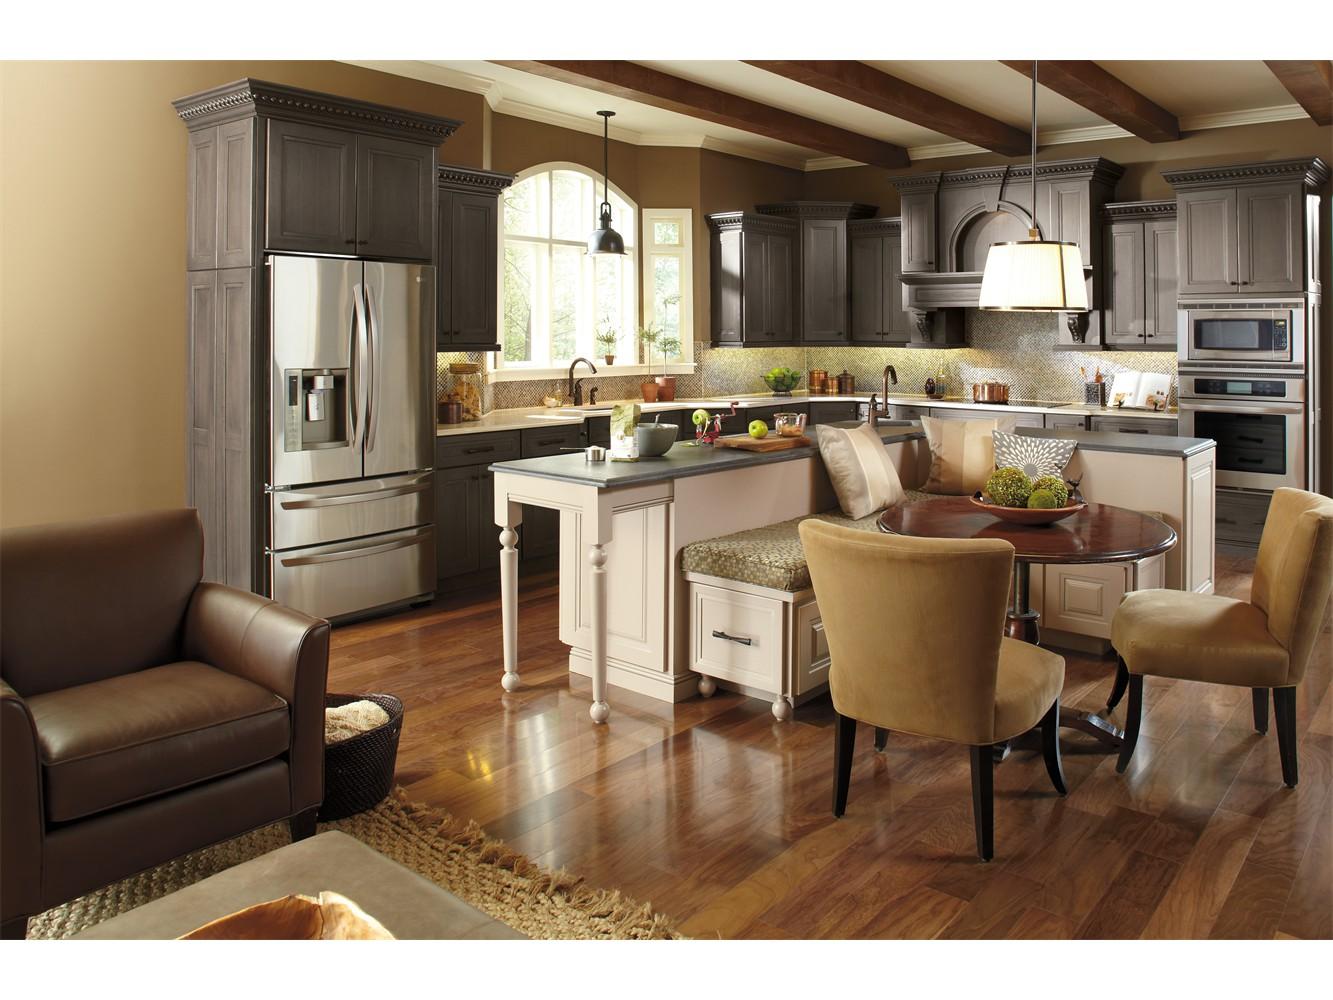 Wichita Cabinets | Mill Creek Lumber